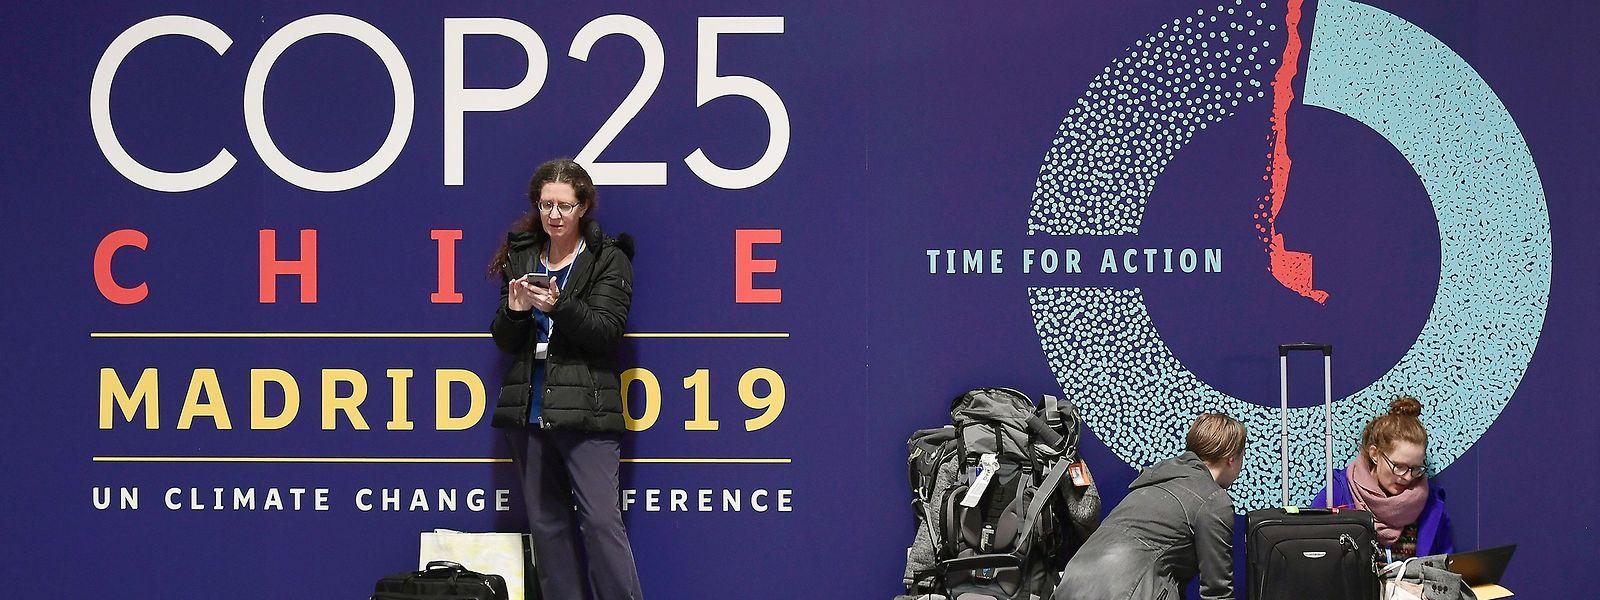 Die Klimakonferenz wurde kurzfristig von Chile nach Spanien verlegt.